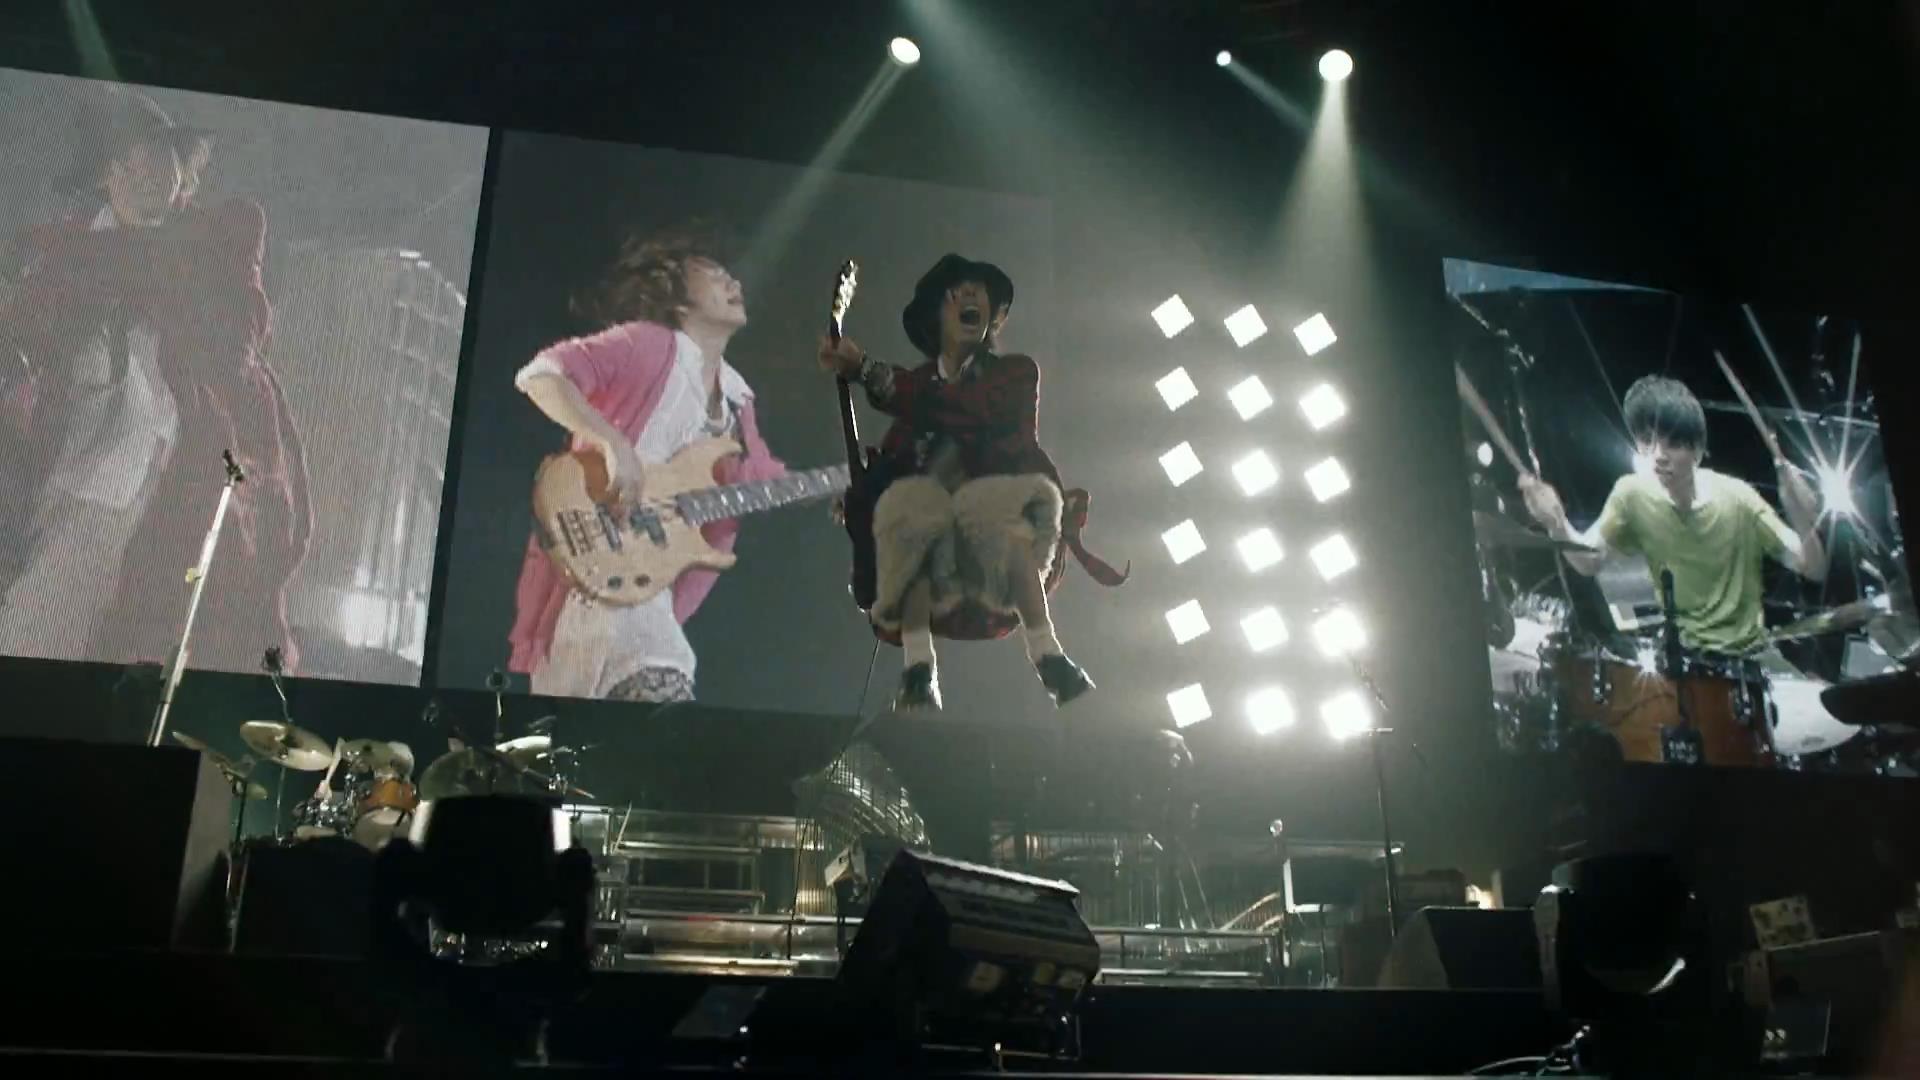 チェック柄の衣装で飛び跳ねるRADWIMPSの野田洋次郎